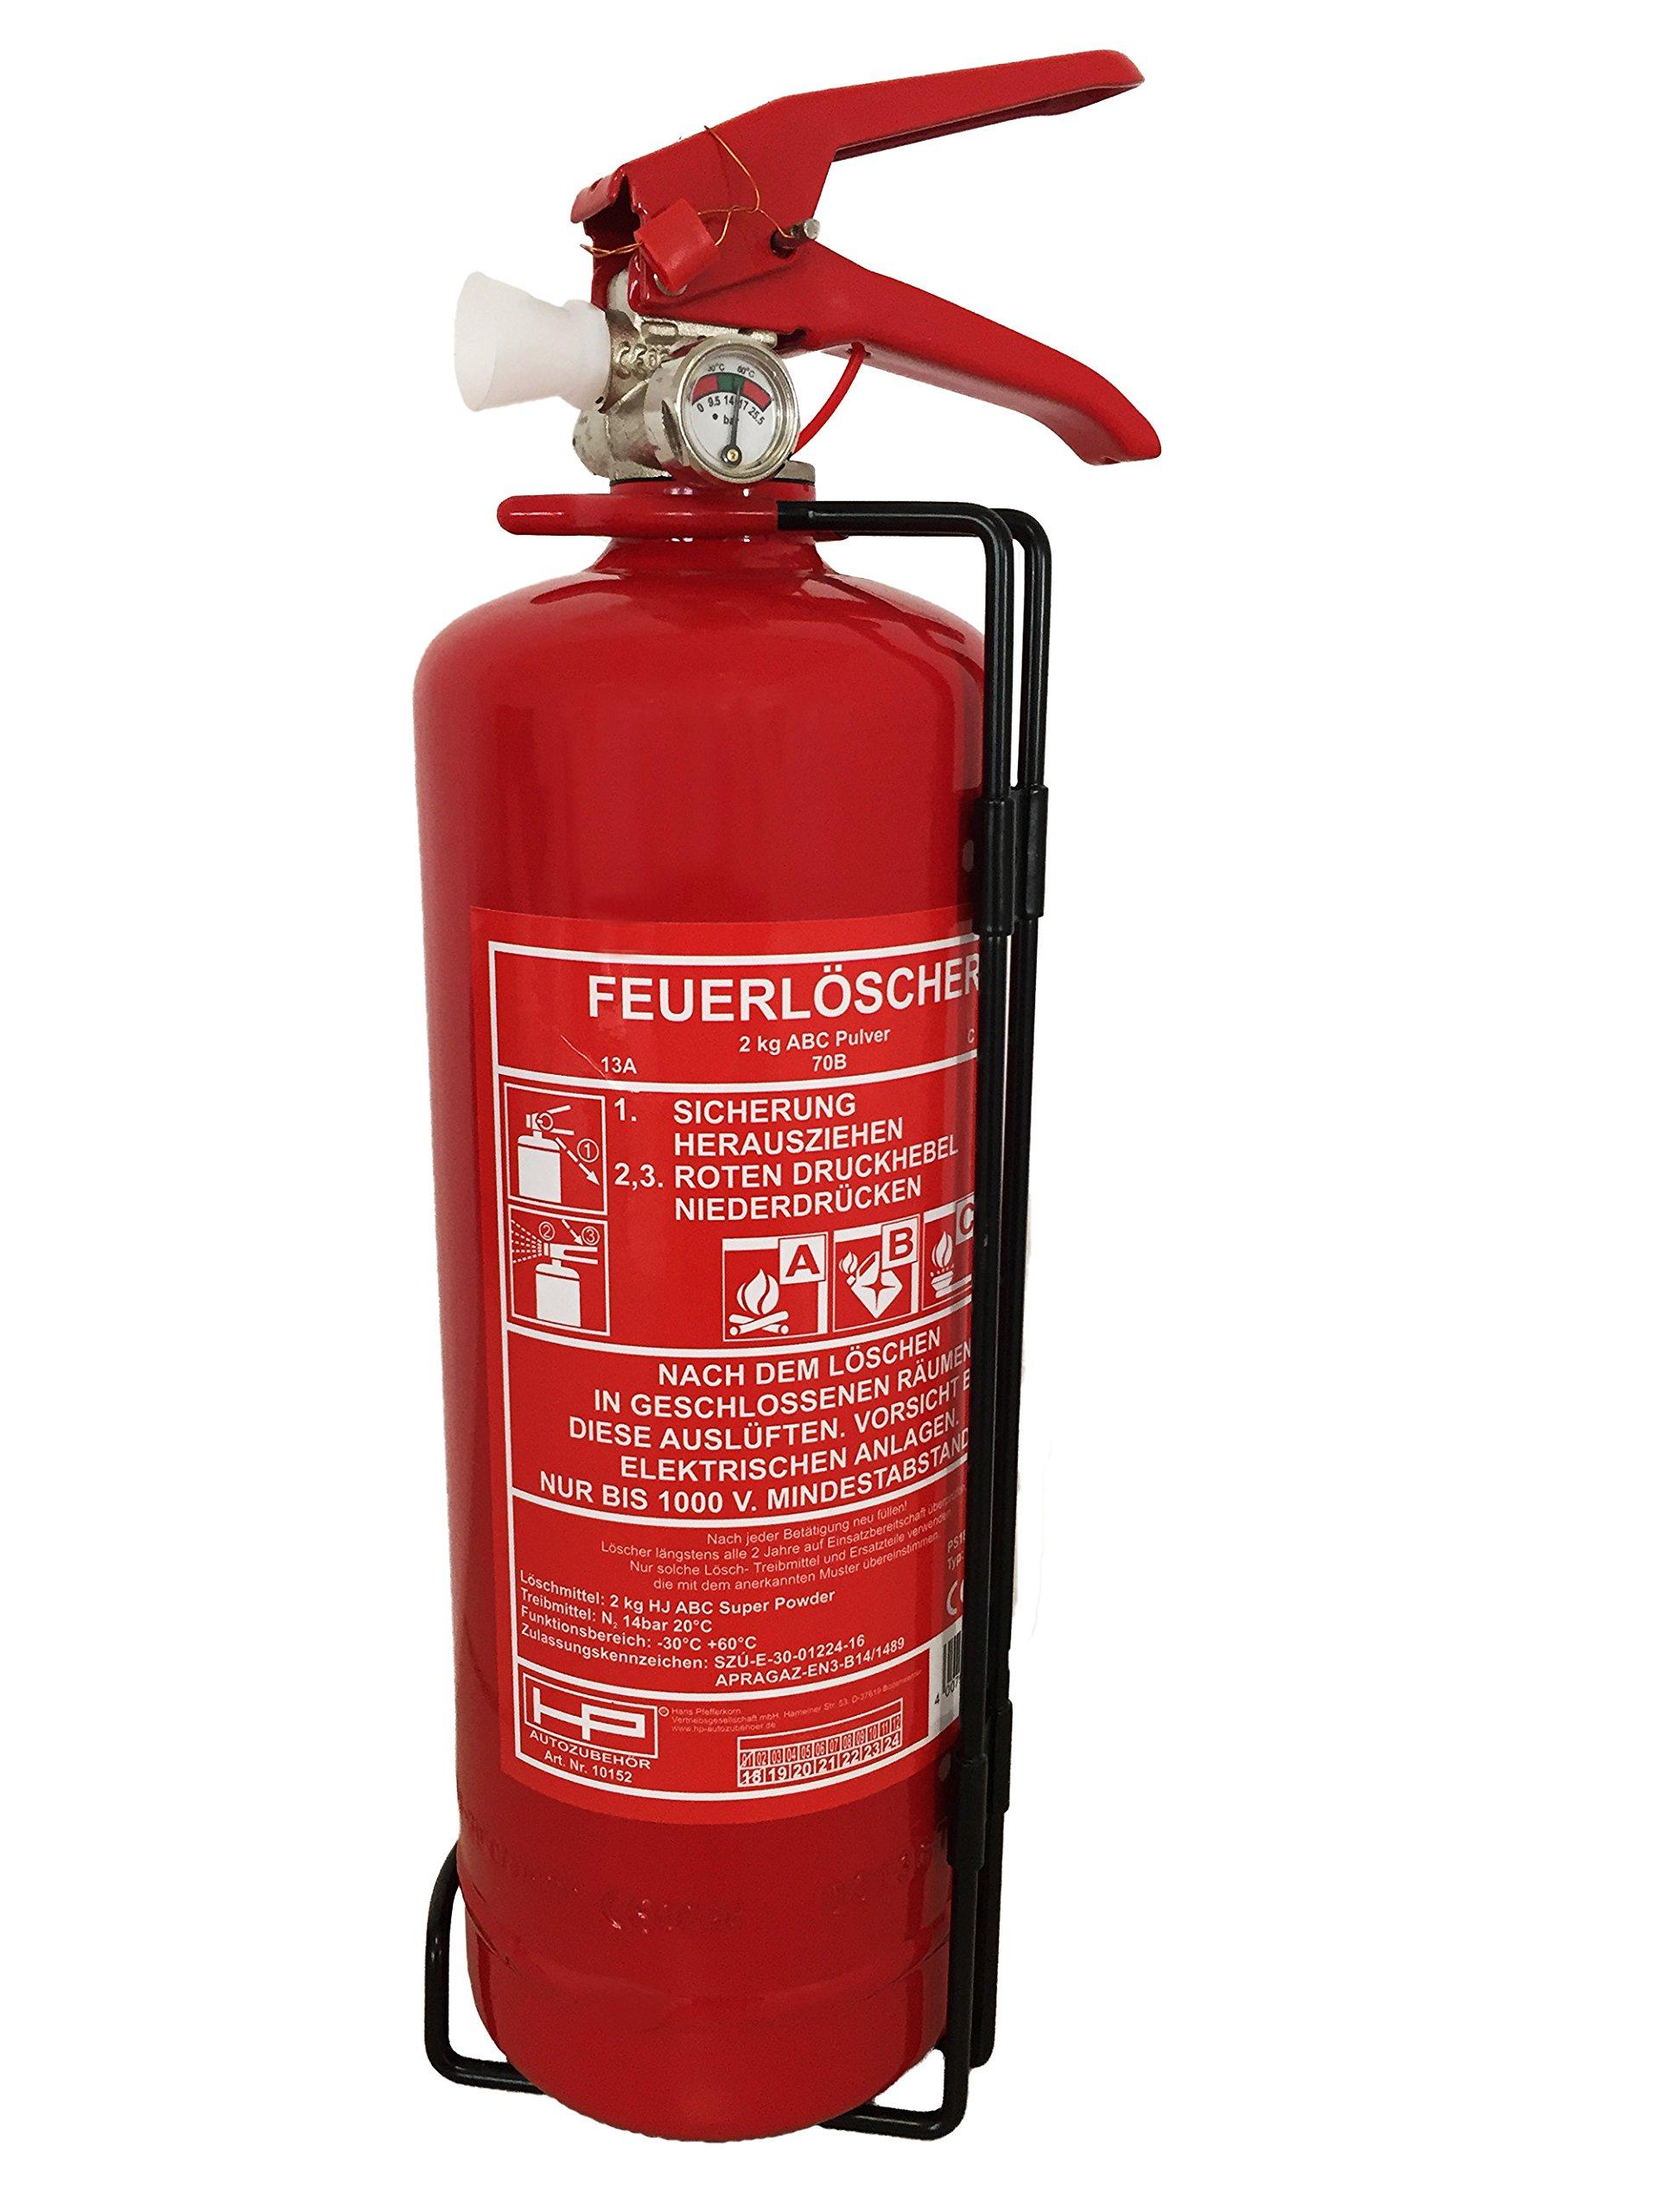 Beliebt Am besten bewertete Produkte in der Kategorie Feuerlöscher - Amazon.de NL57